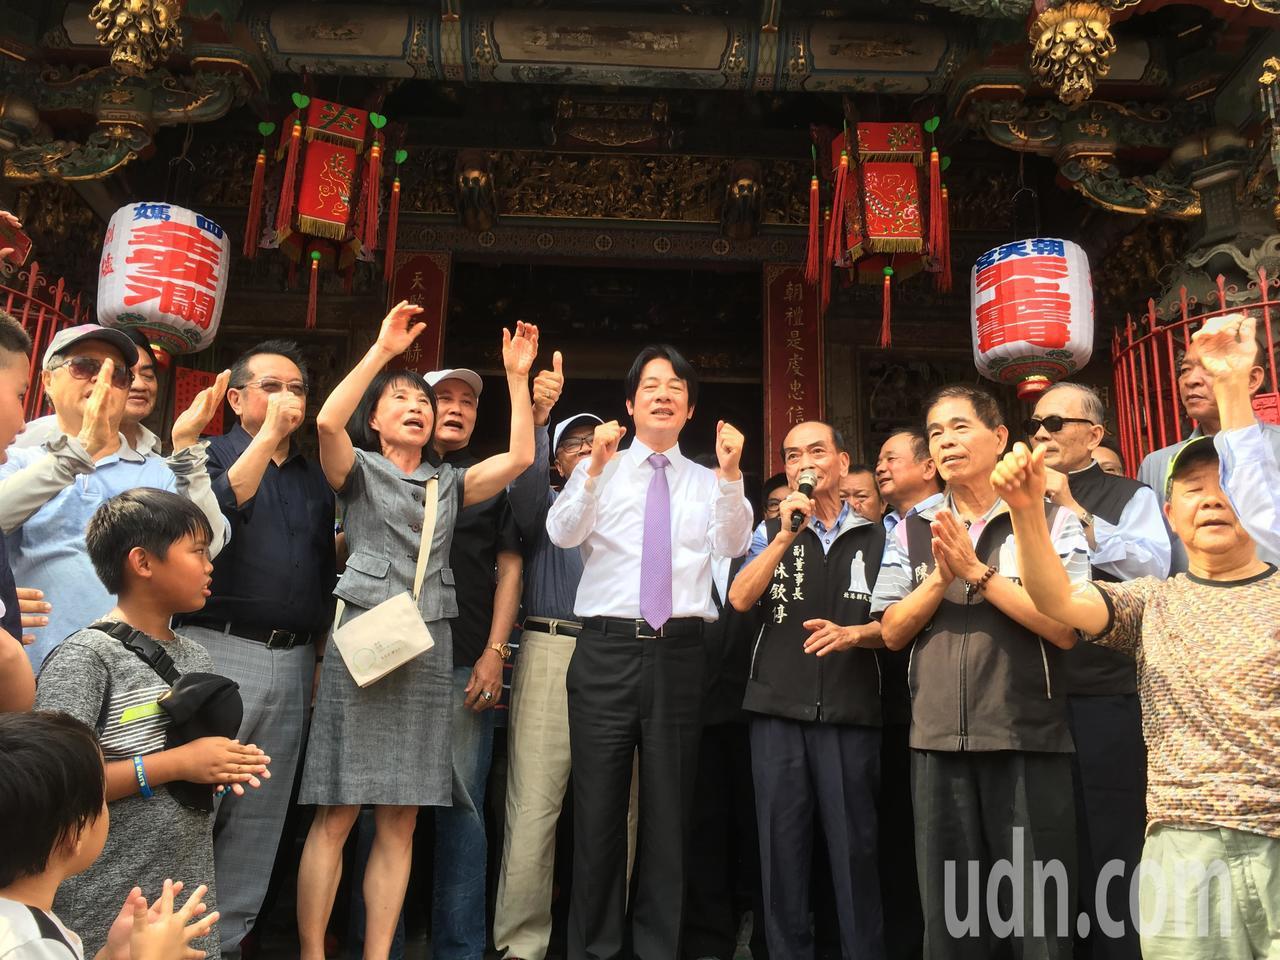 行政院前院長賴清德今天下午到雲林北港朝天宮參拜,受到支持著熱情歡迎。記者陳雅玲/...